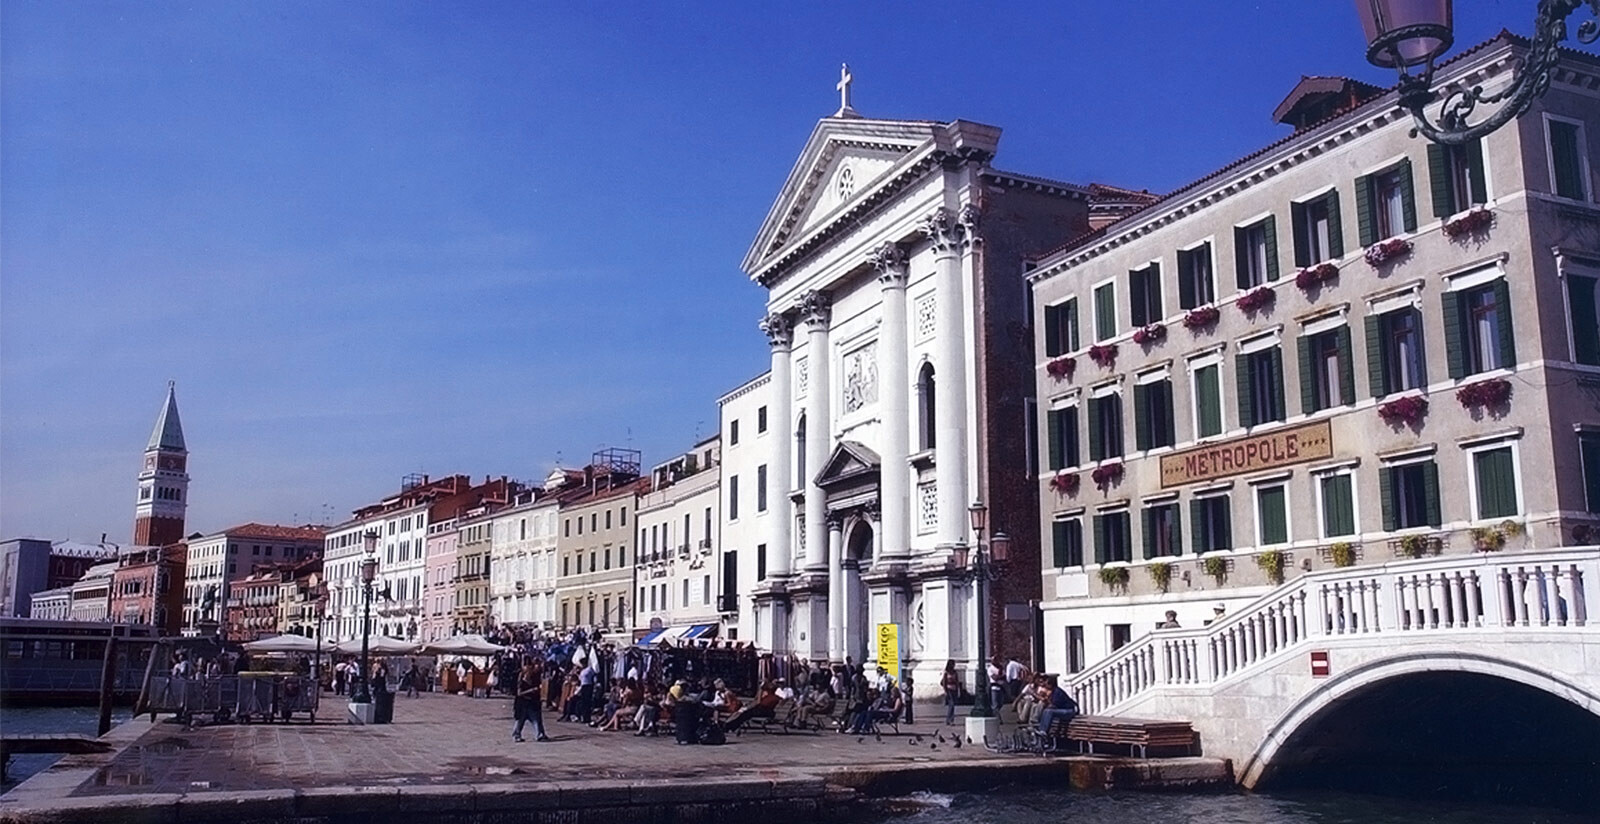 L'Hotel Metropole di Venezia in Riva degli Schiavoni.